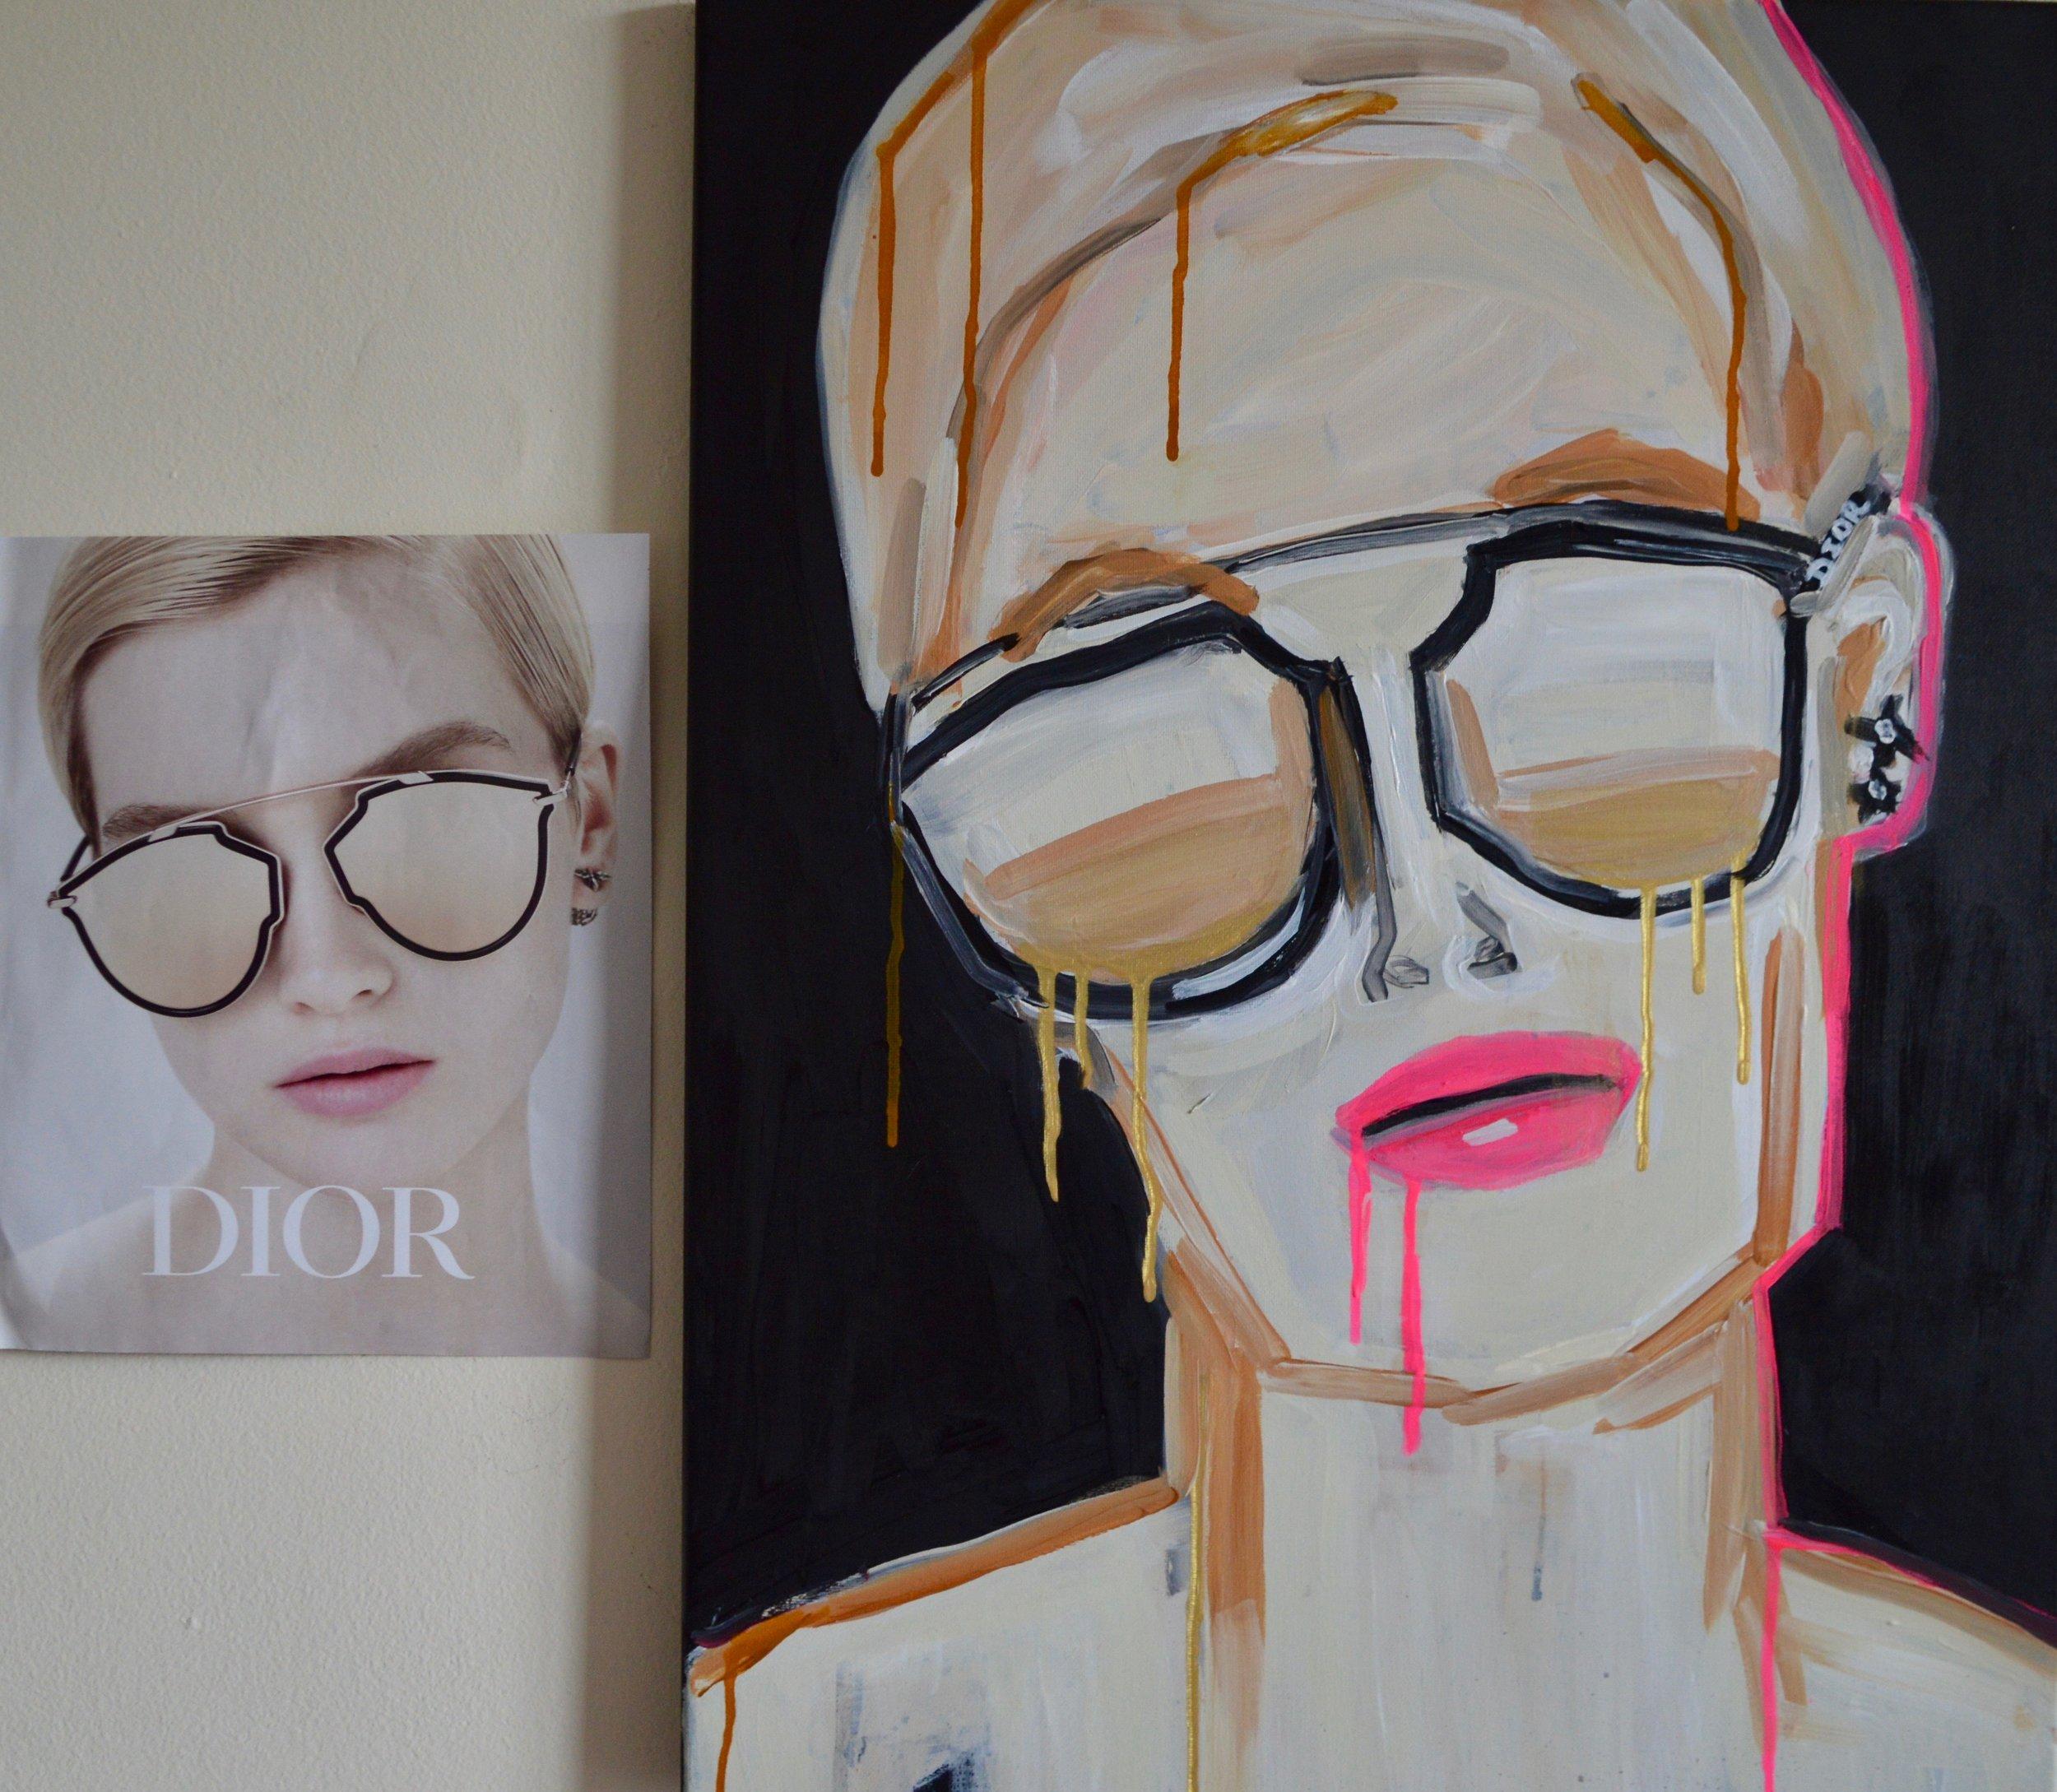 Eyes on Dior